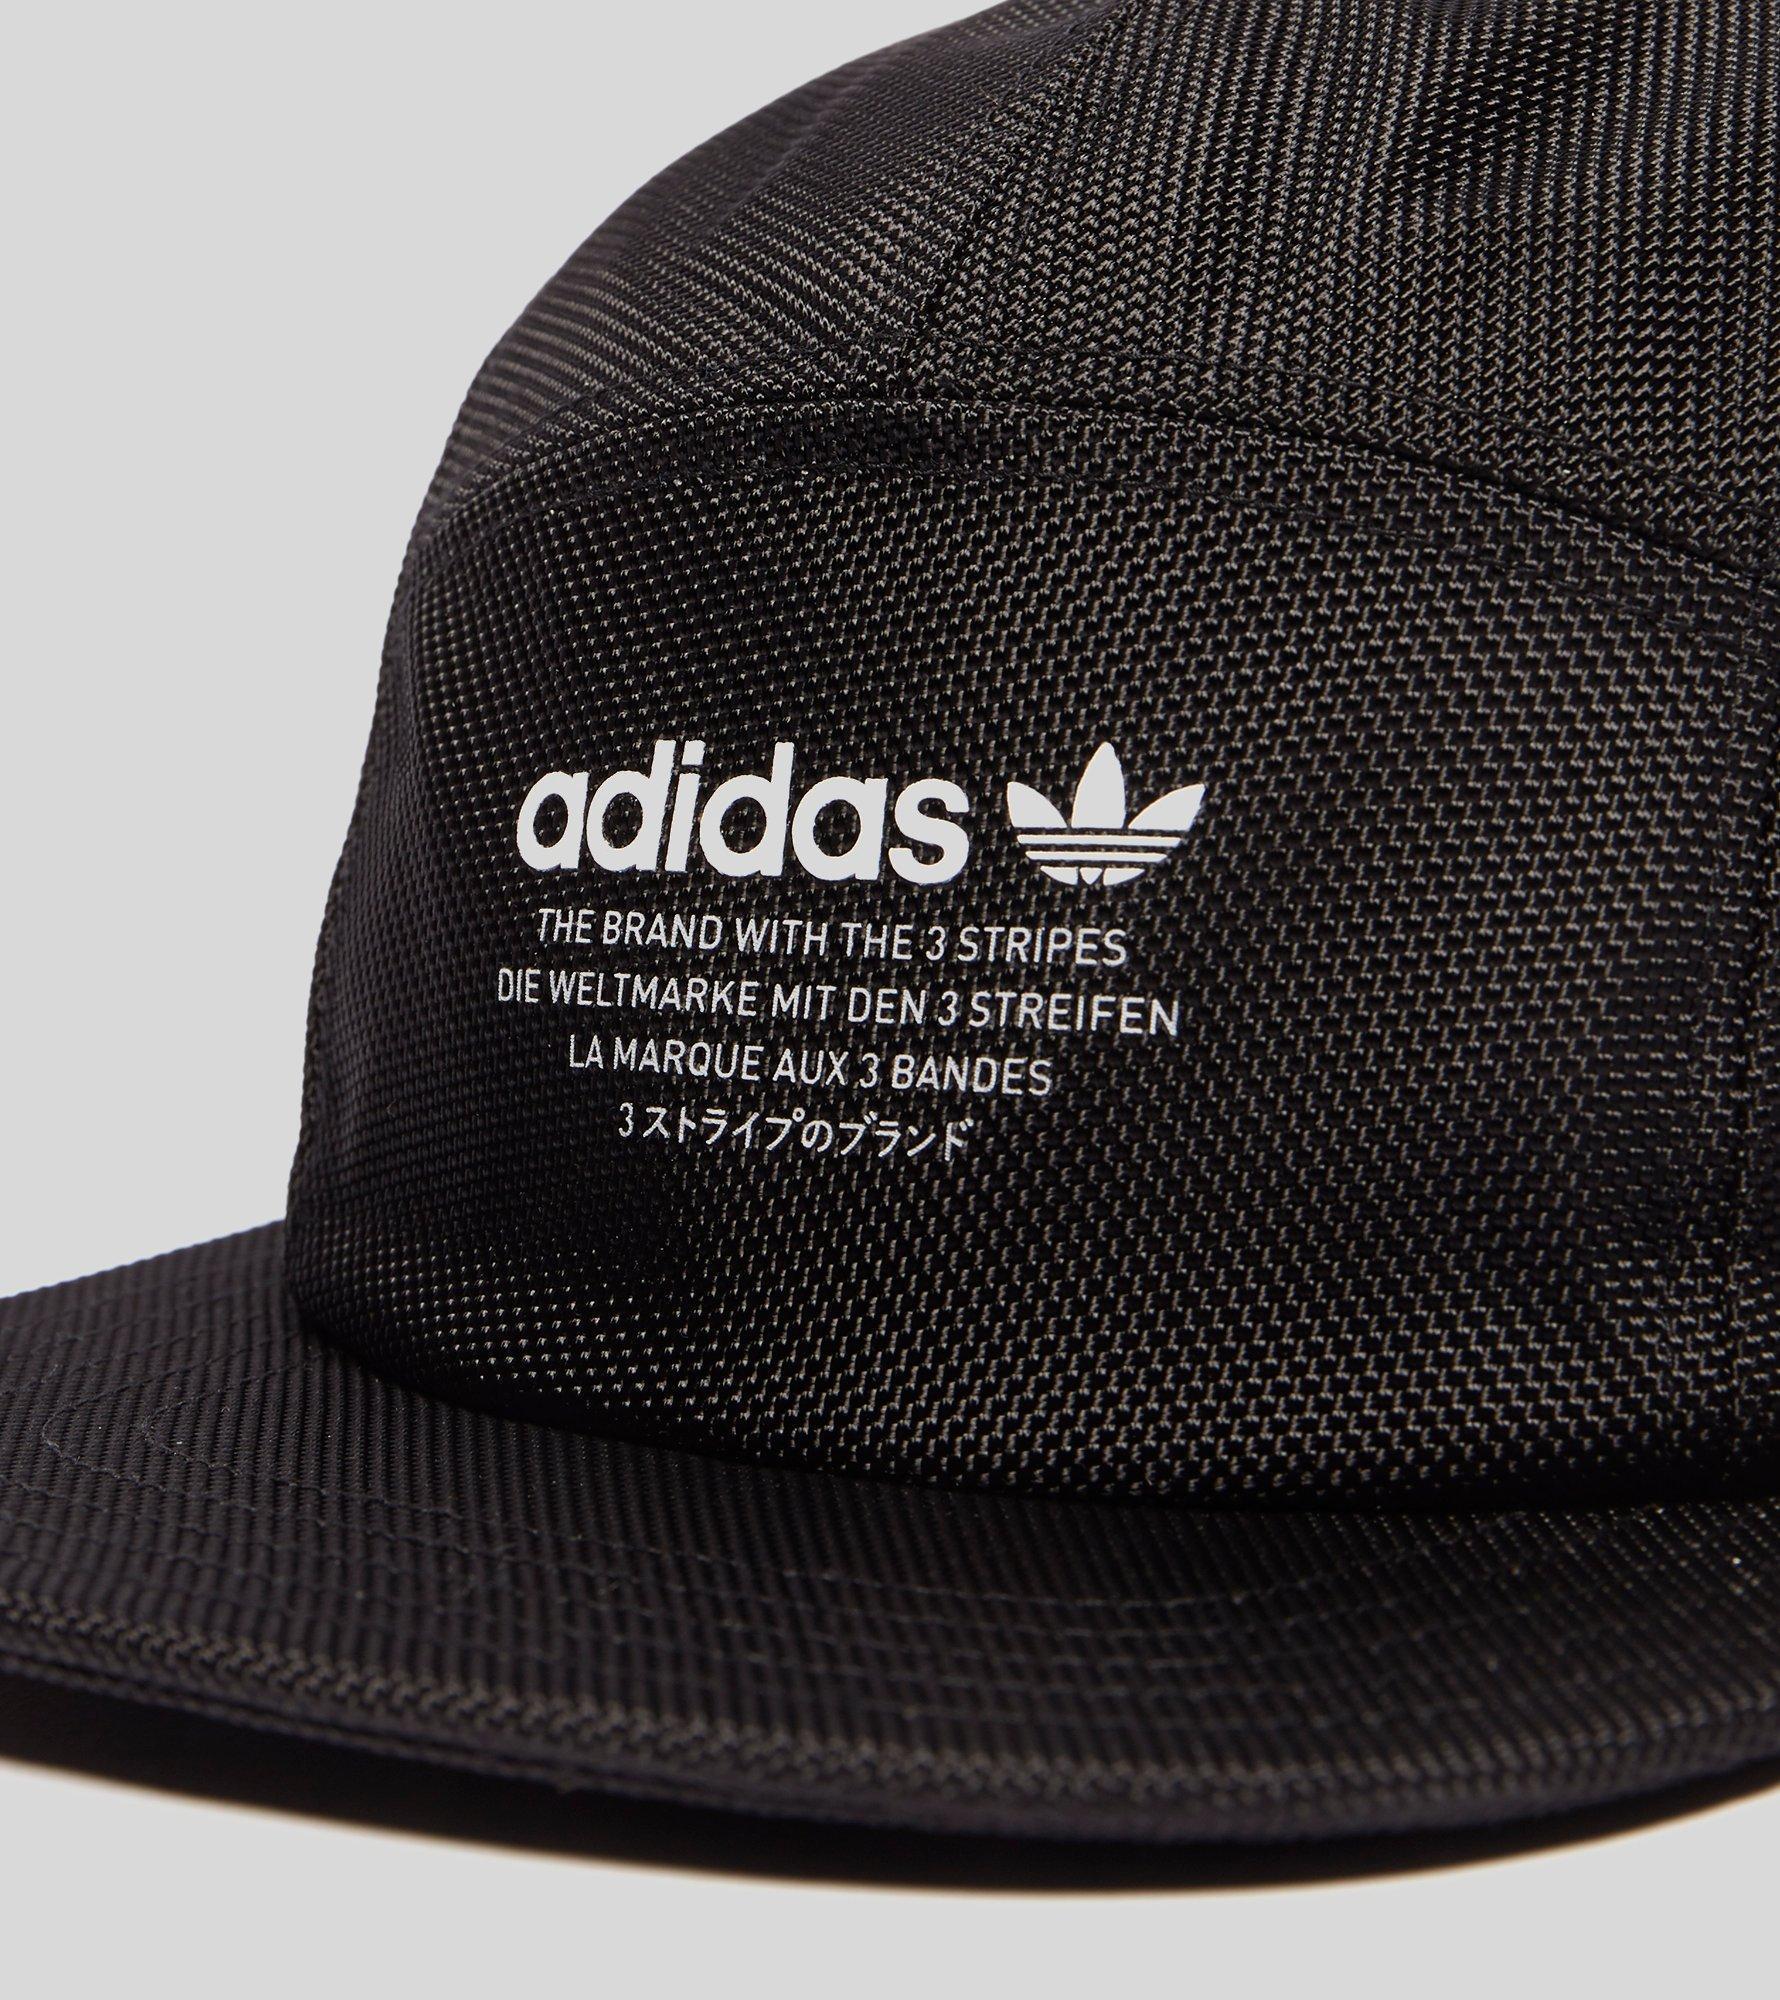 05984825670e4 Lyst - adidas Originals Nmd Running Cap in Black for Men